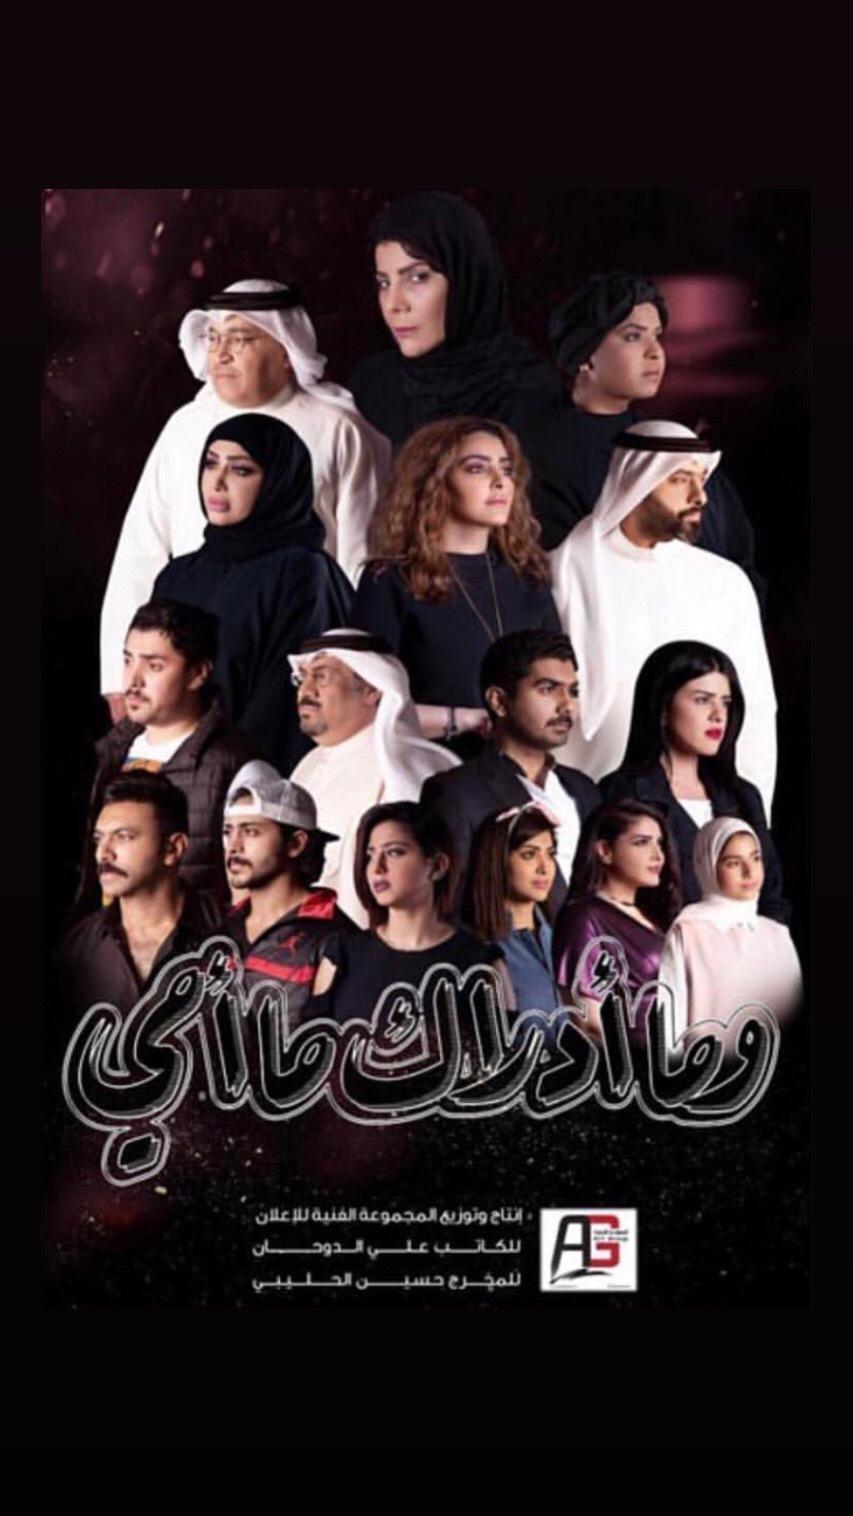 احداث وتفاصيل الحلقة 10 من مسلسل وما أدراك ما أمي رمضان 2019